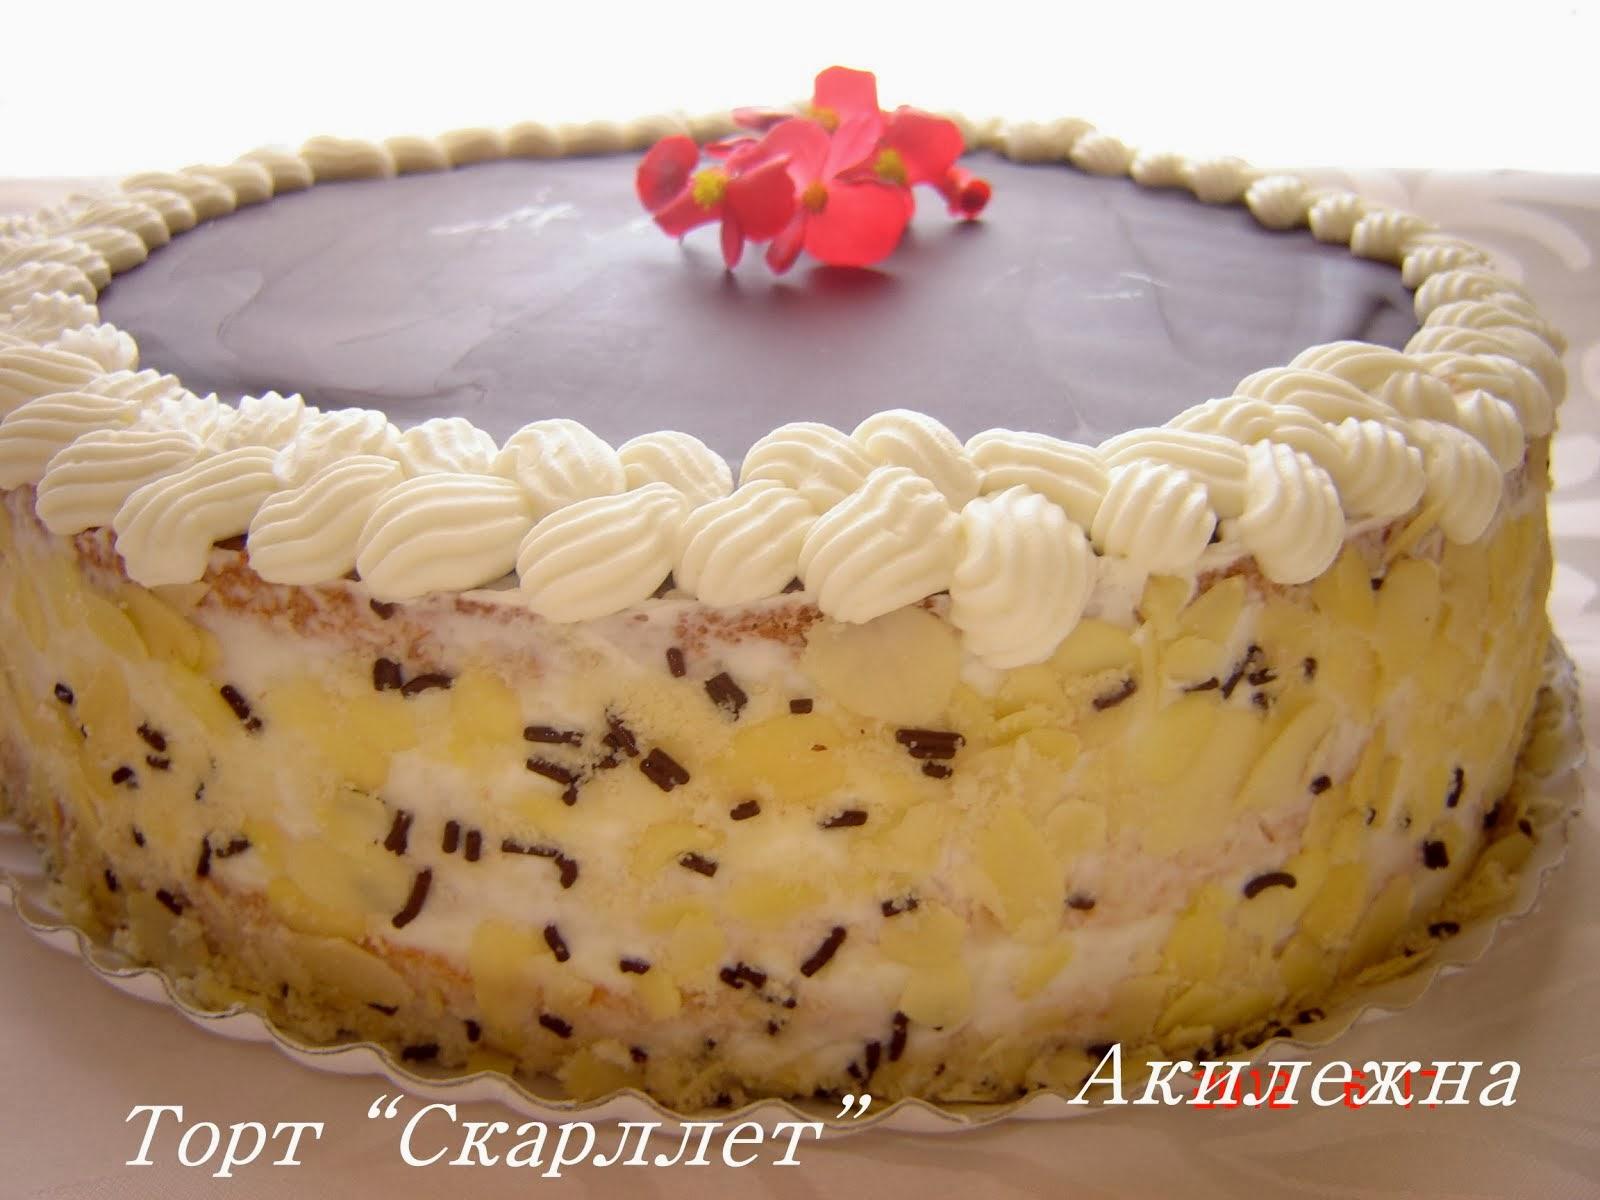 Торт «Скарллет»